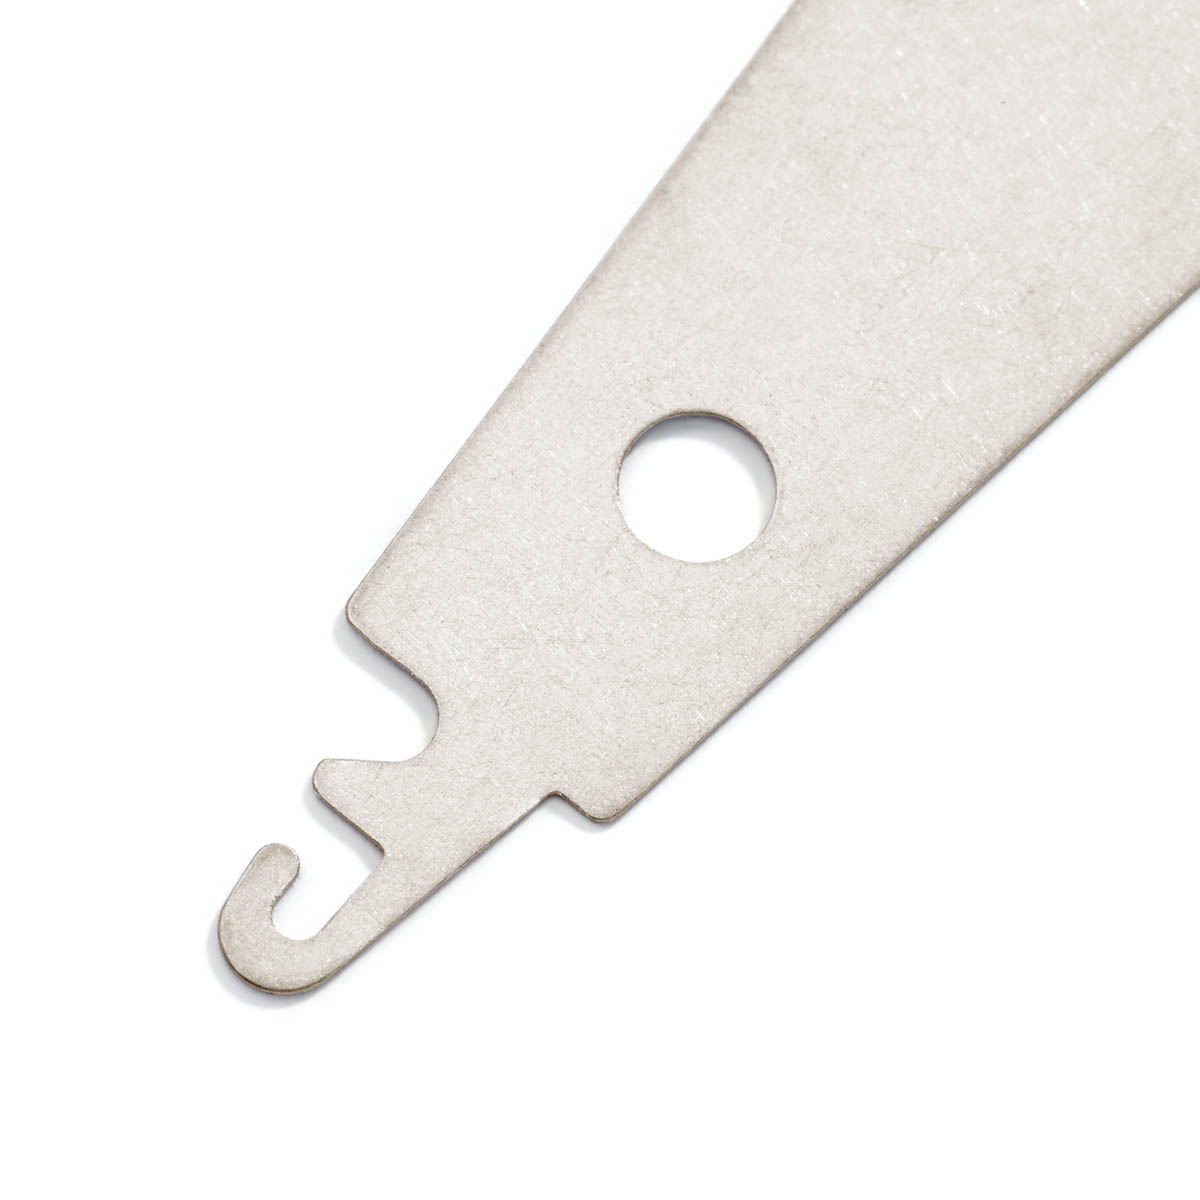 Набор игл со скругленным острием (№18-24) и нитевдеватель для мулине, Prym